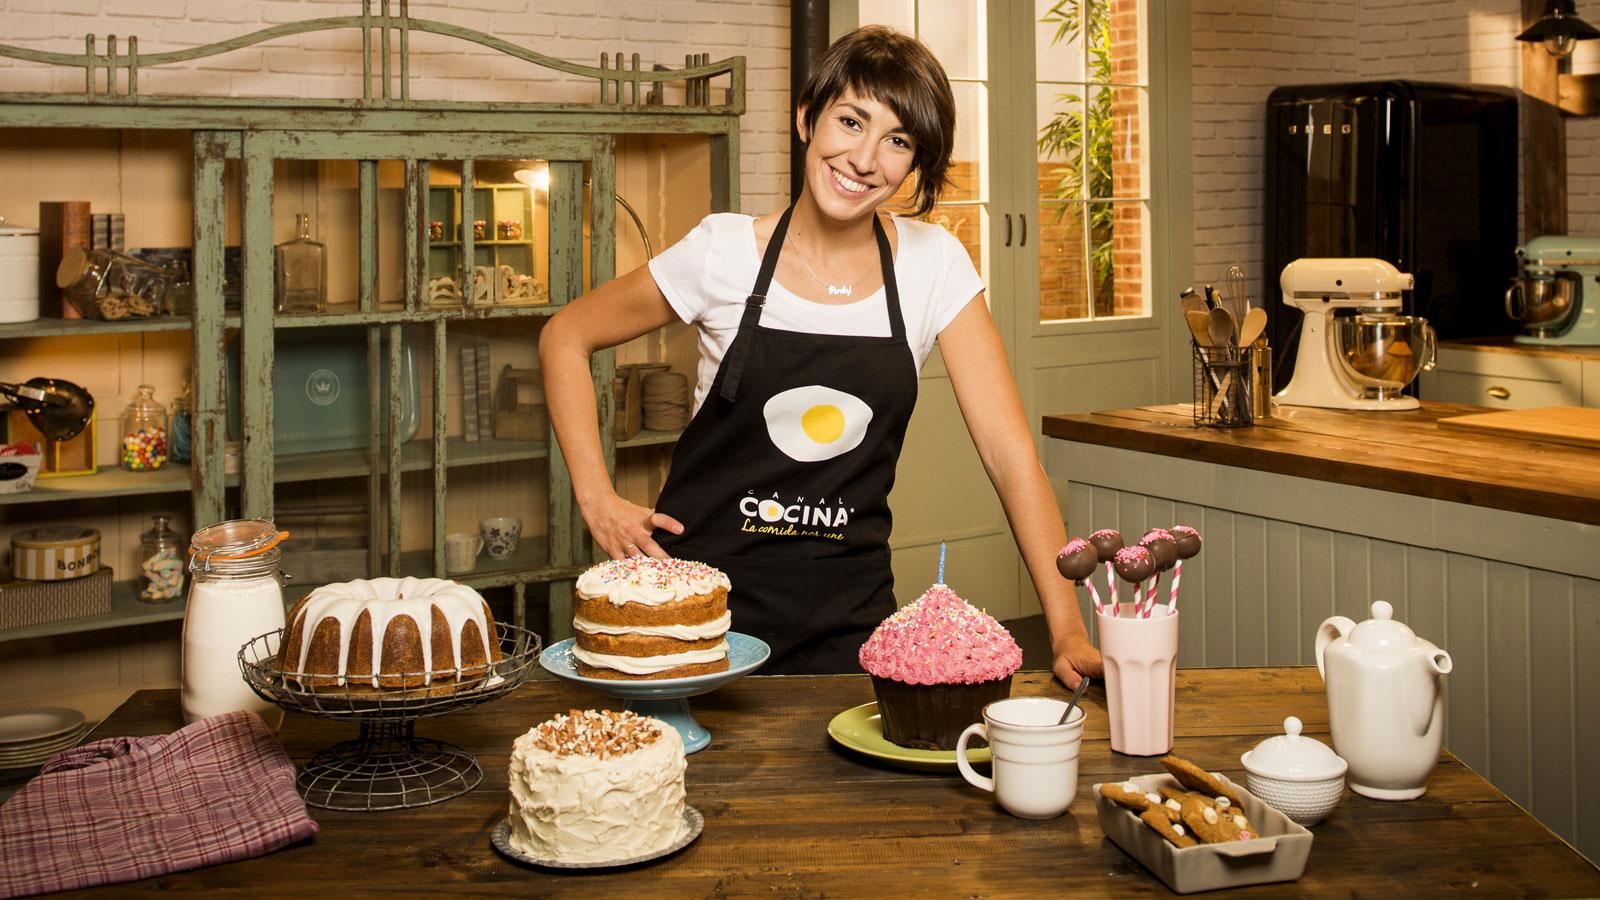 Alma obreg n la reina del cupcake especiales canal cocina - Cocina con alma ...